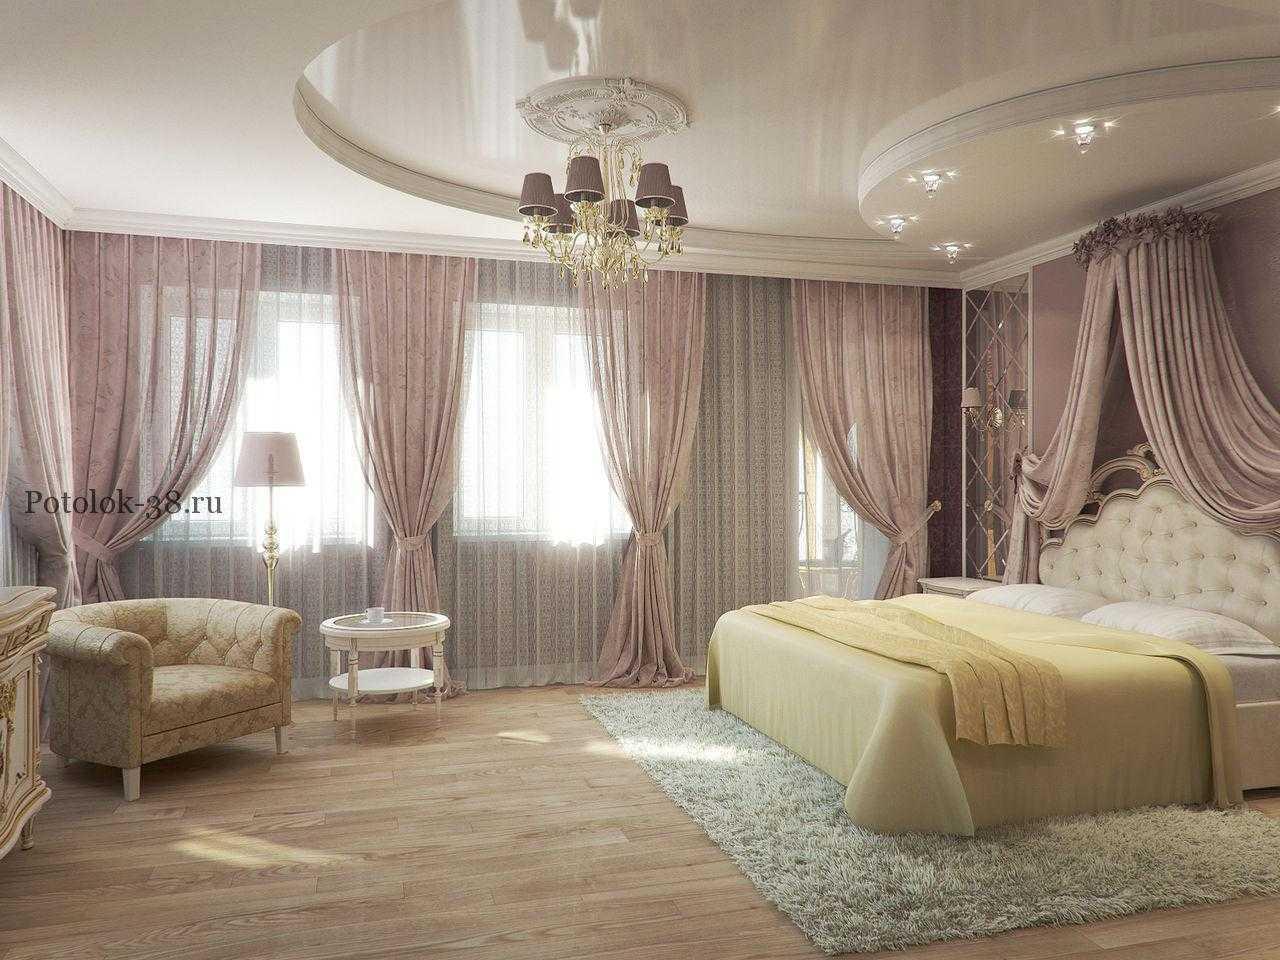 Натяжные потолки в спальню фото